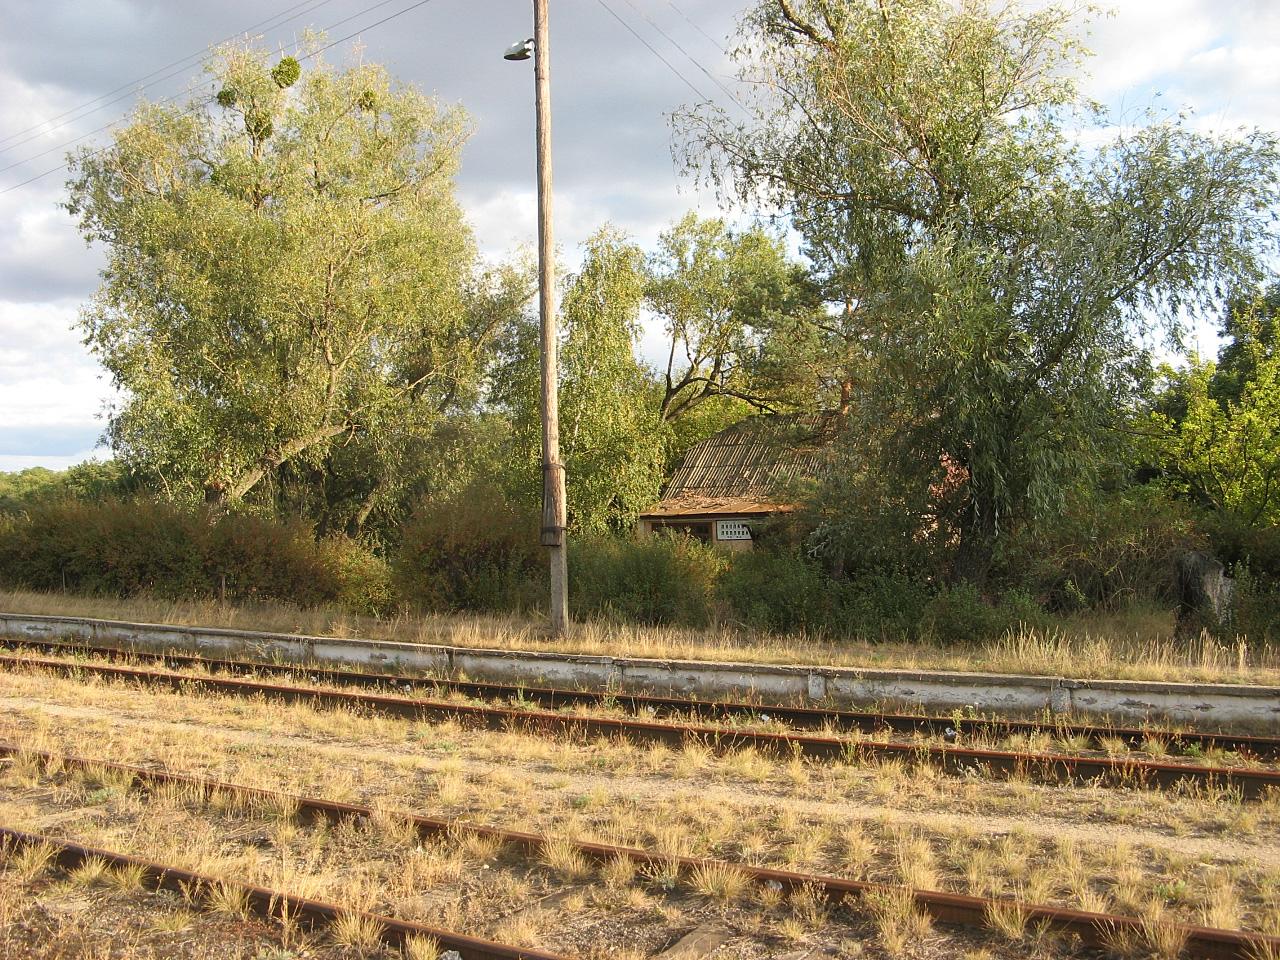 Колишня станція Ляплава, лінія Золотоноша - Ляплава. Чекраська область, Канівський район